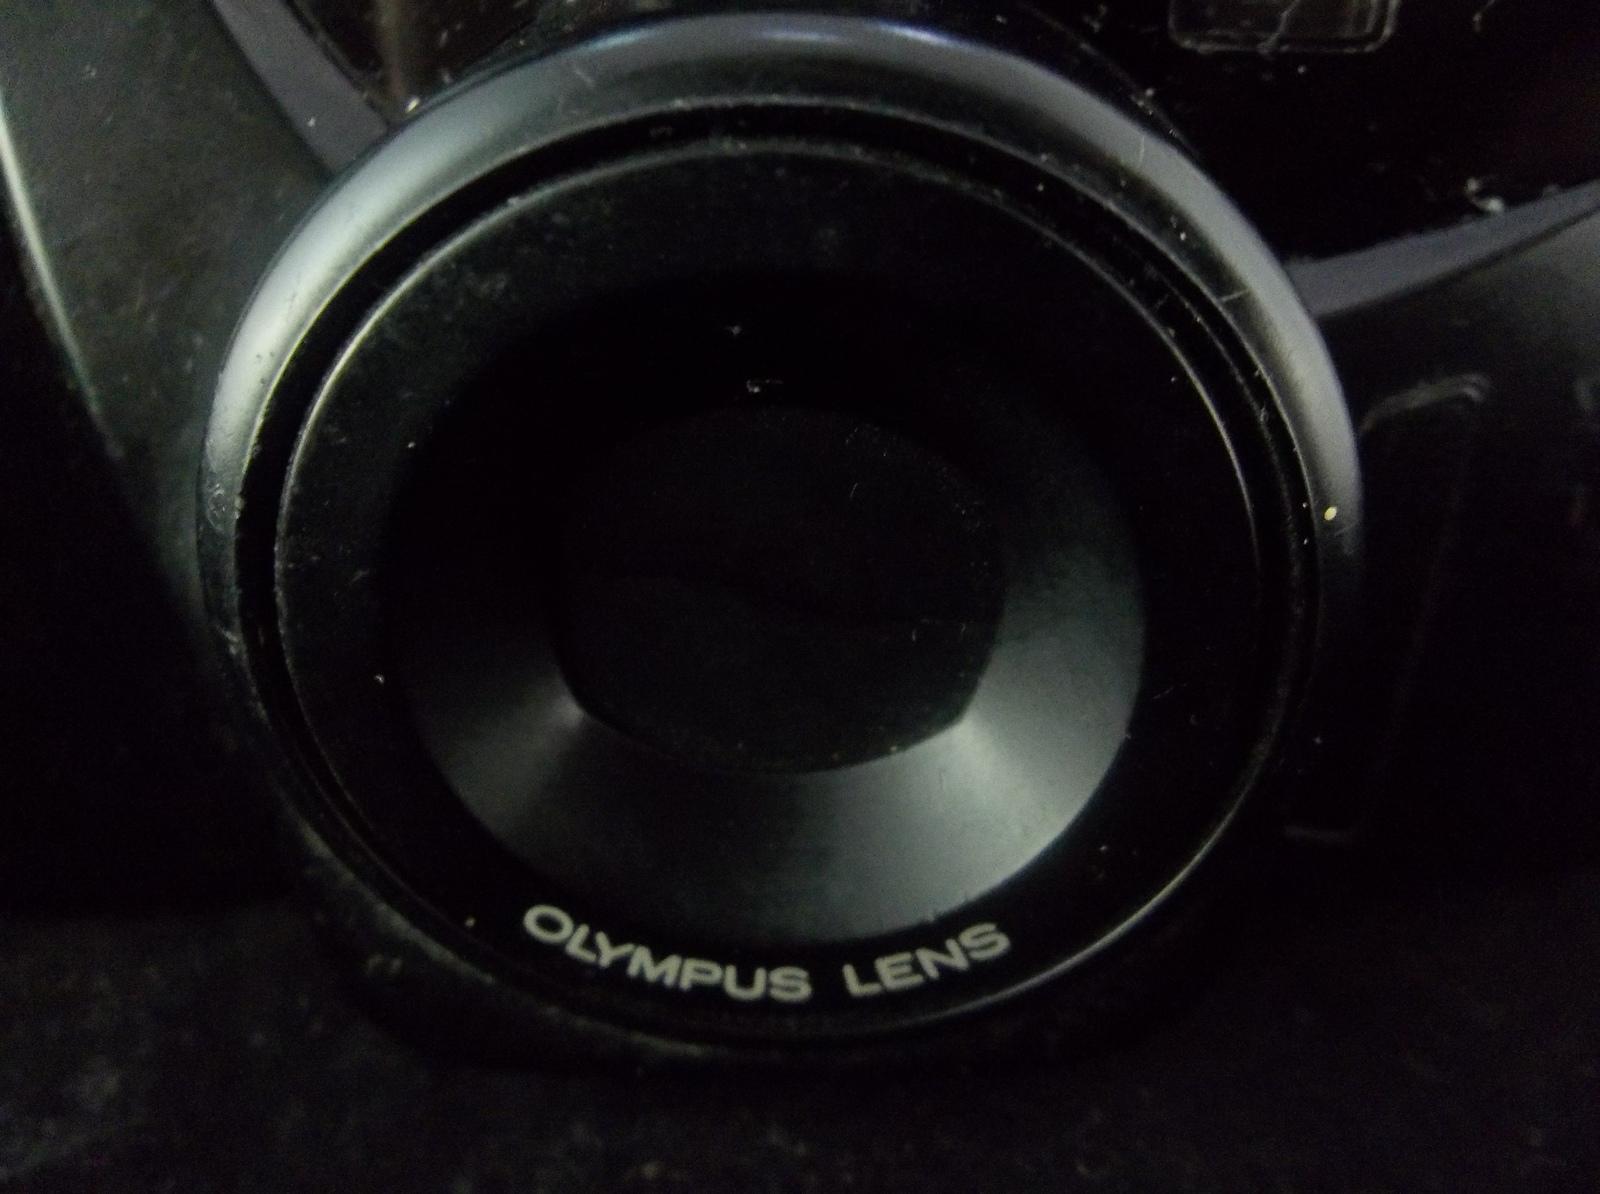 Olympus Accura Zoom 80 Auto Focus 38-80MM Film Camera